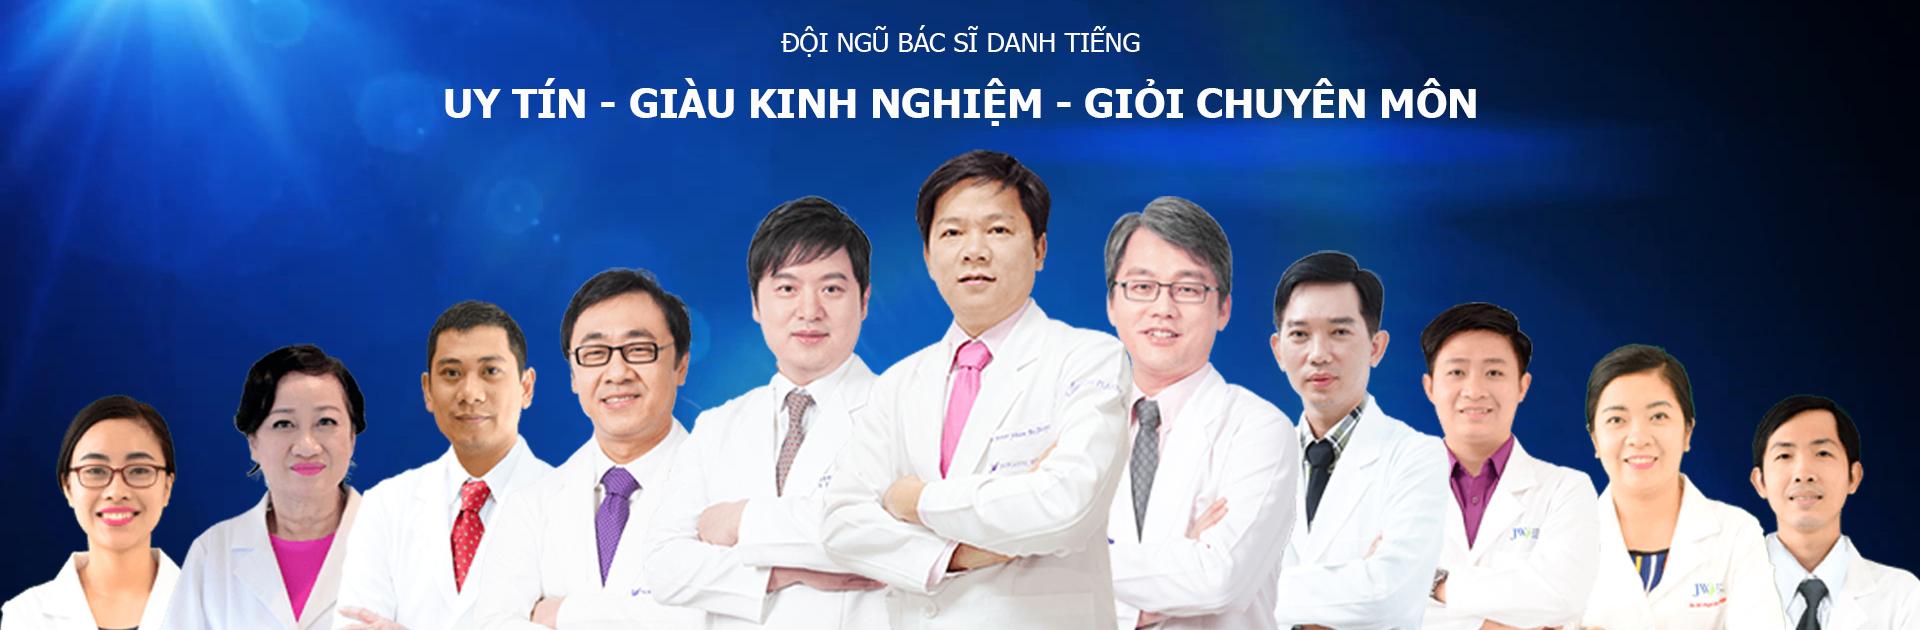 Địa chỉ nâng ngực uy tín tại Hà Nội